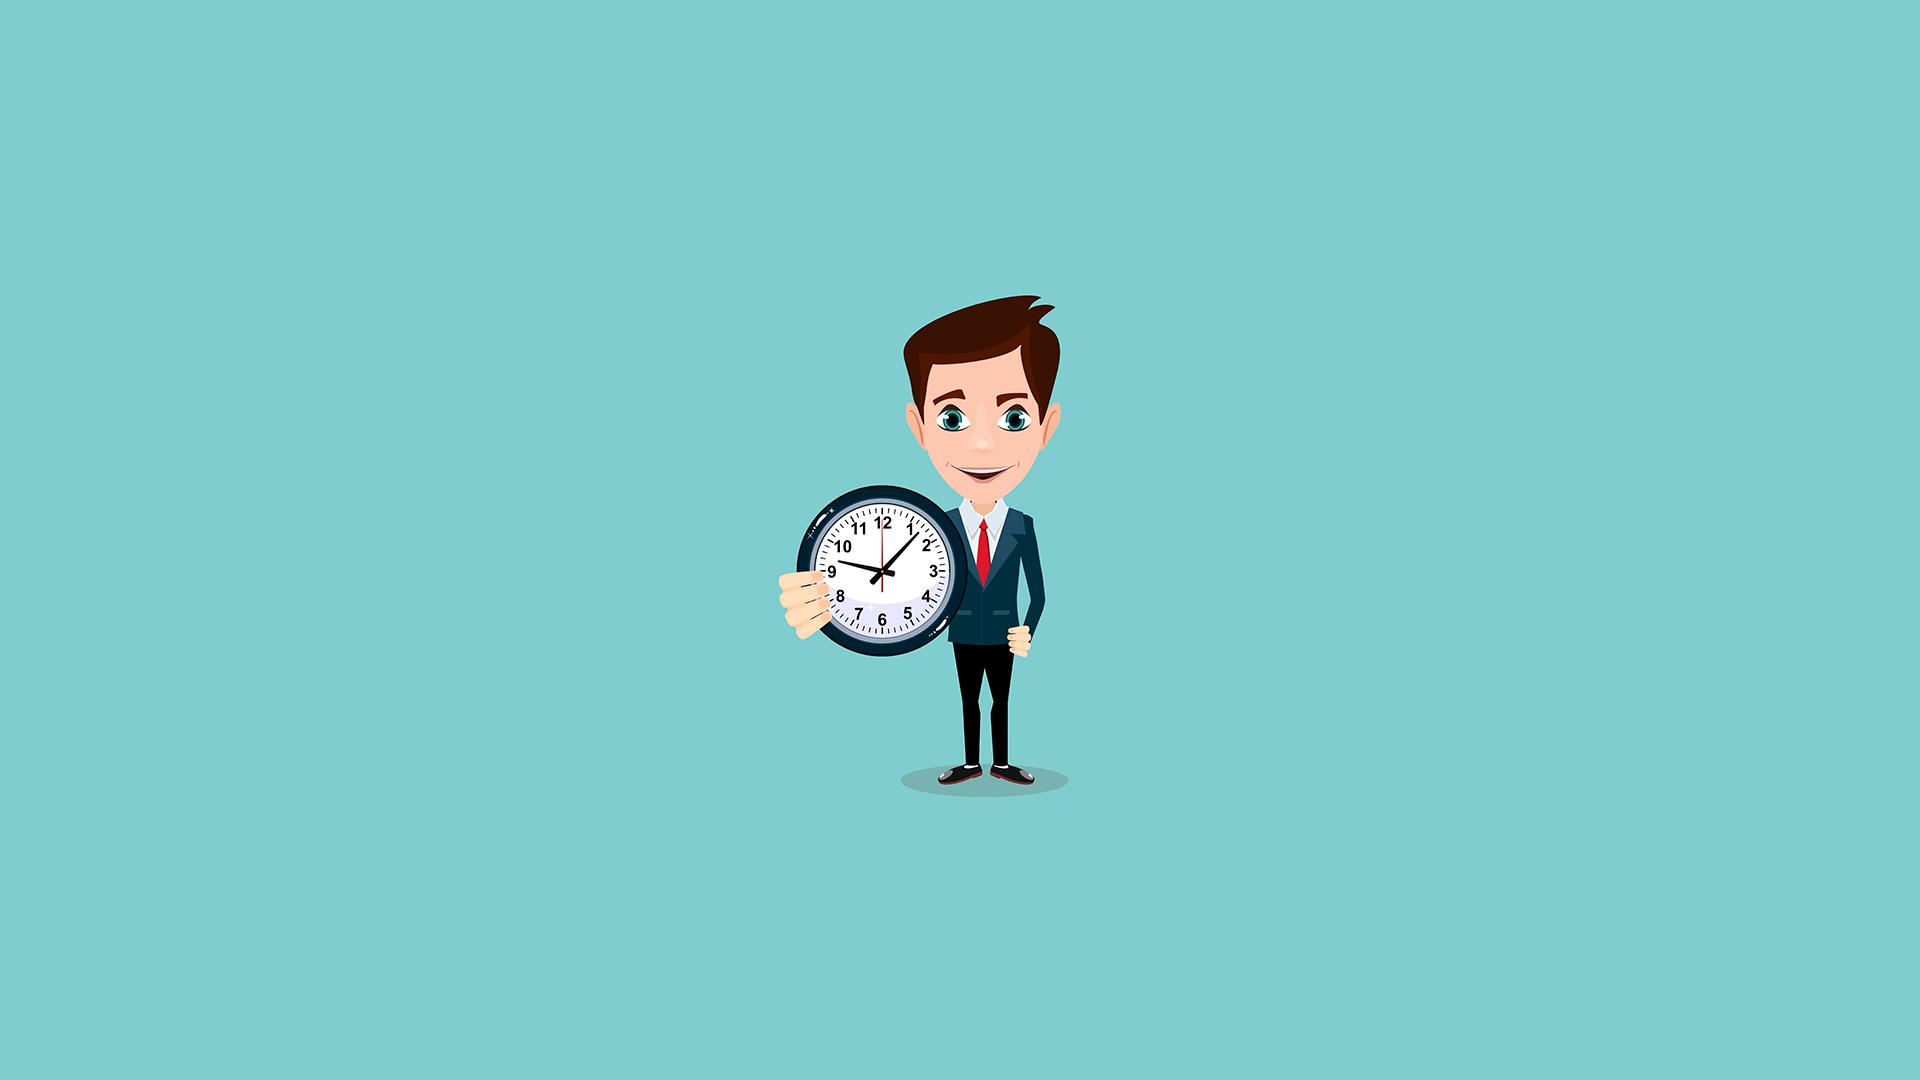 Decreto esclarece regras de trabalho temporário